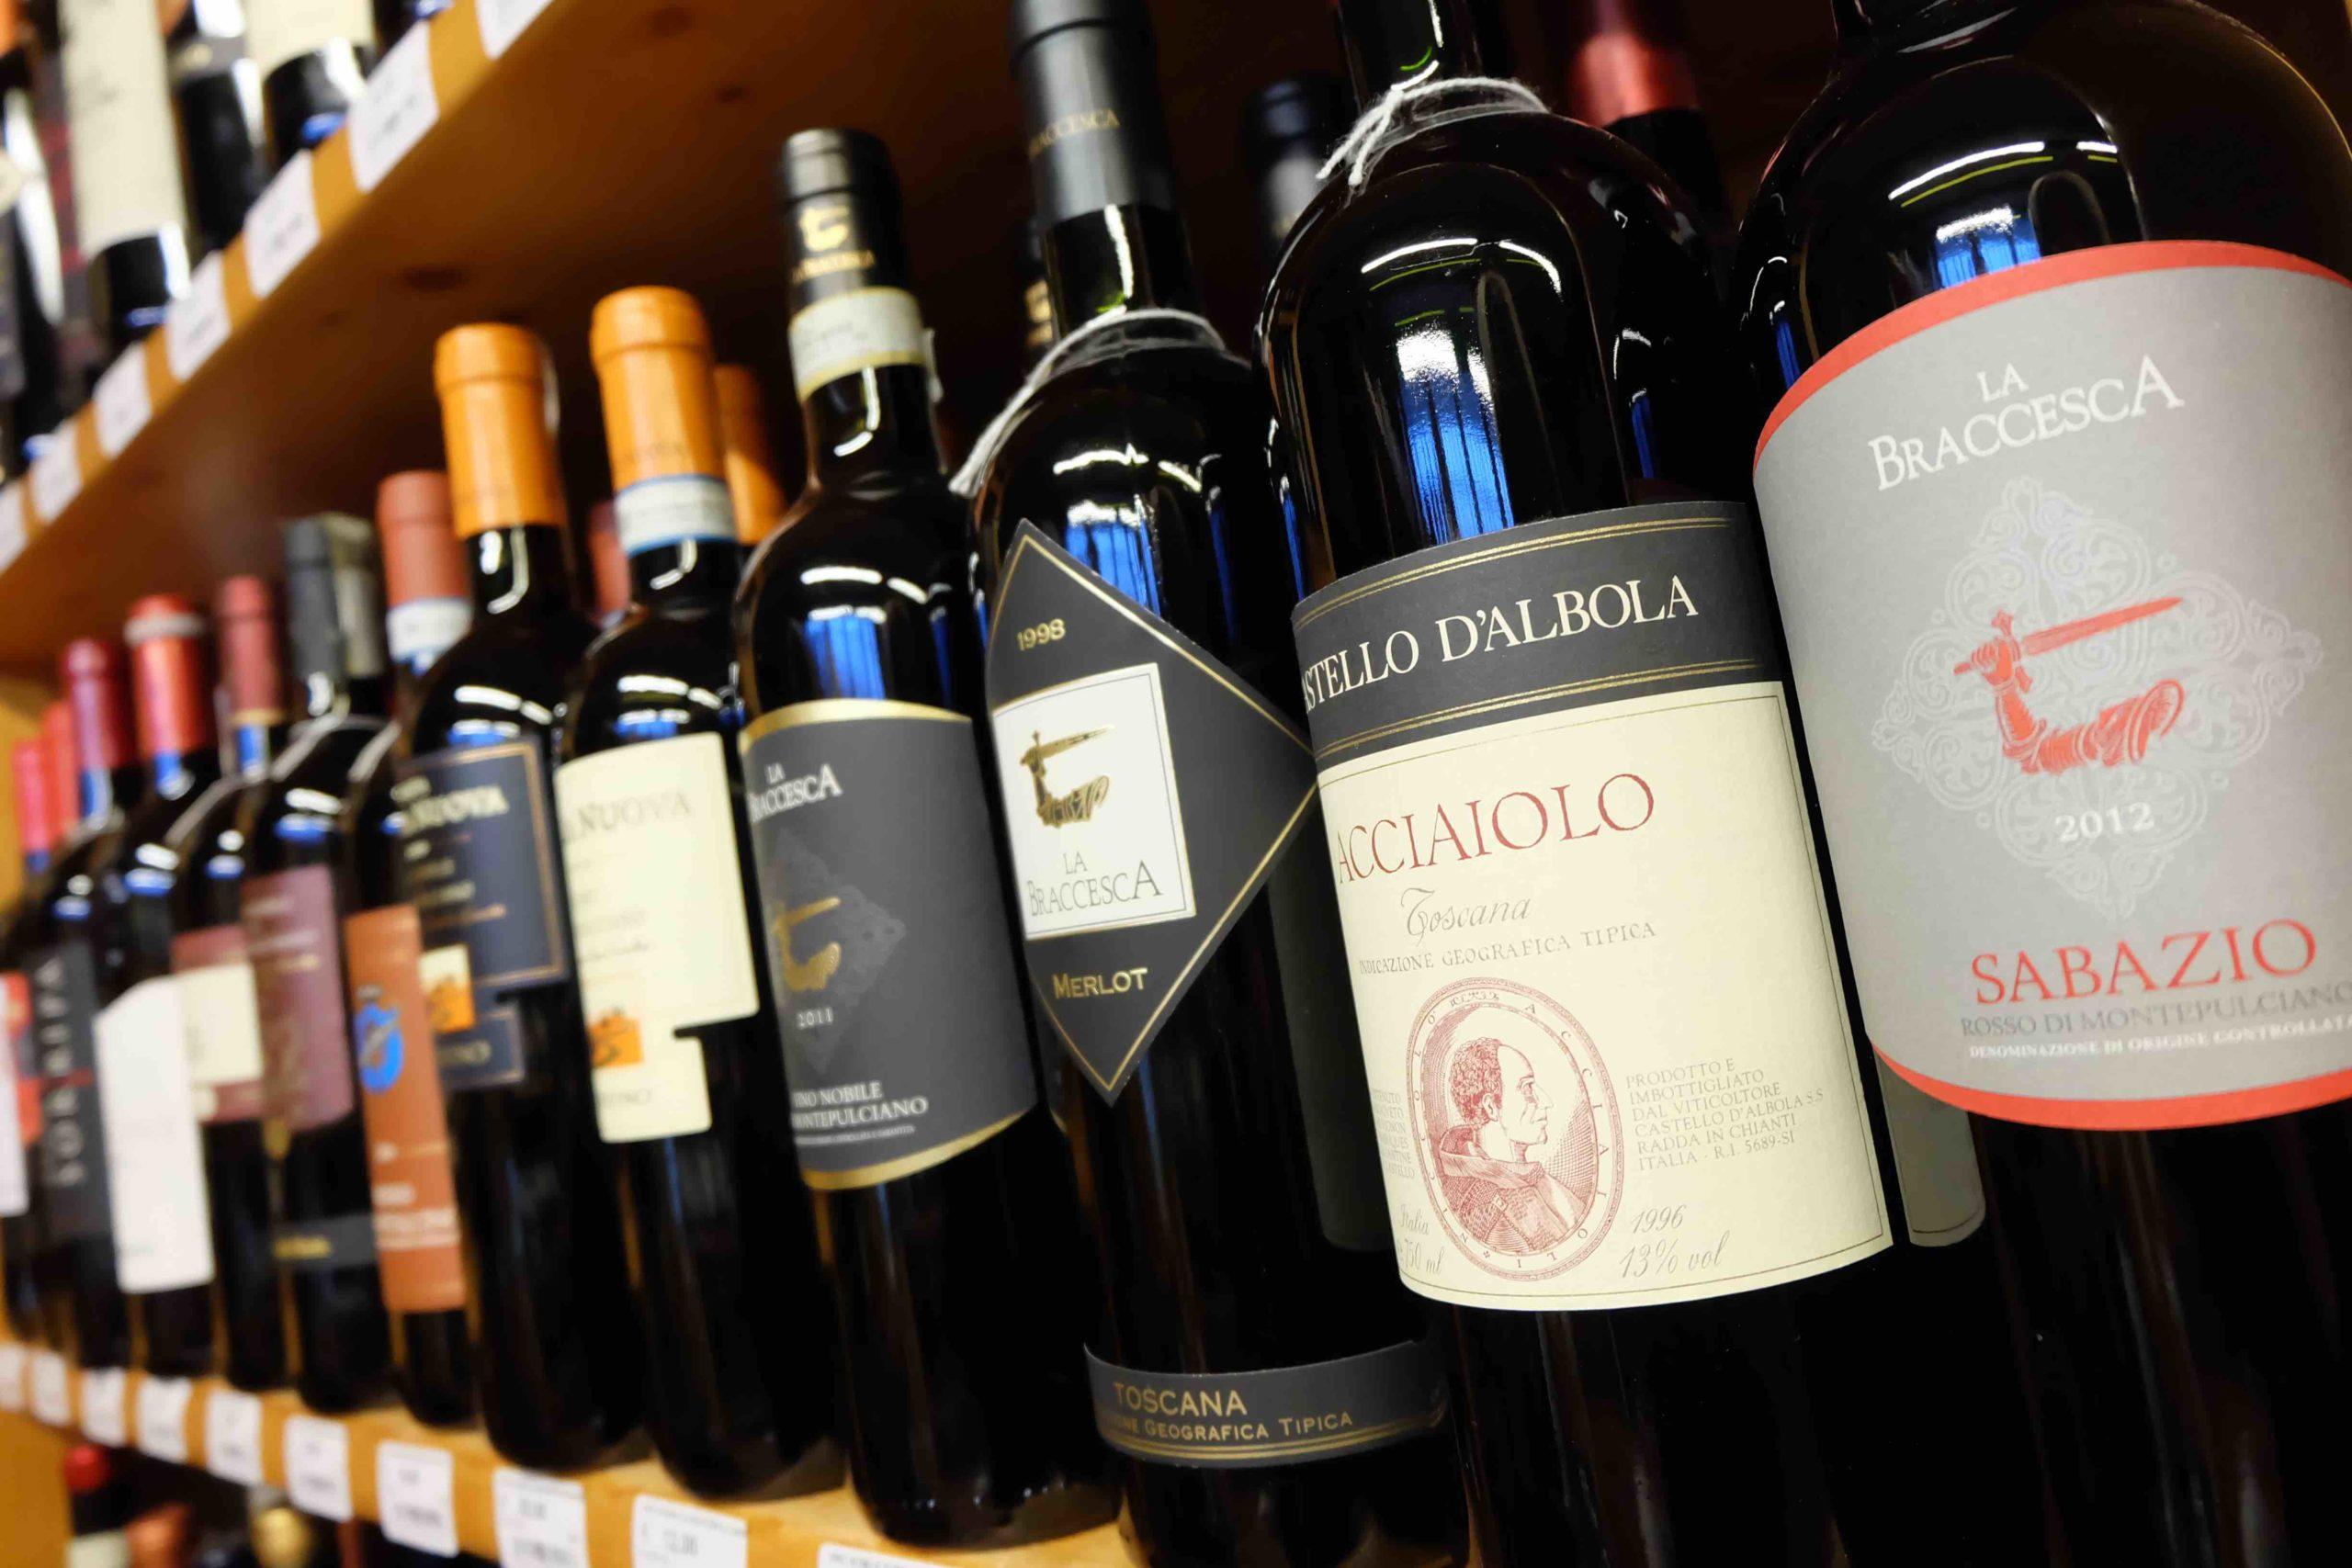 enoteca-trentino-wine-and-spirit-shop